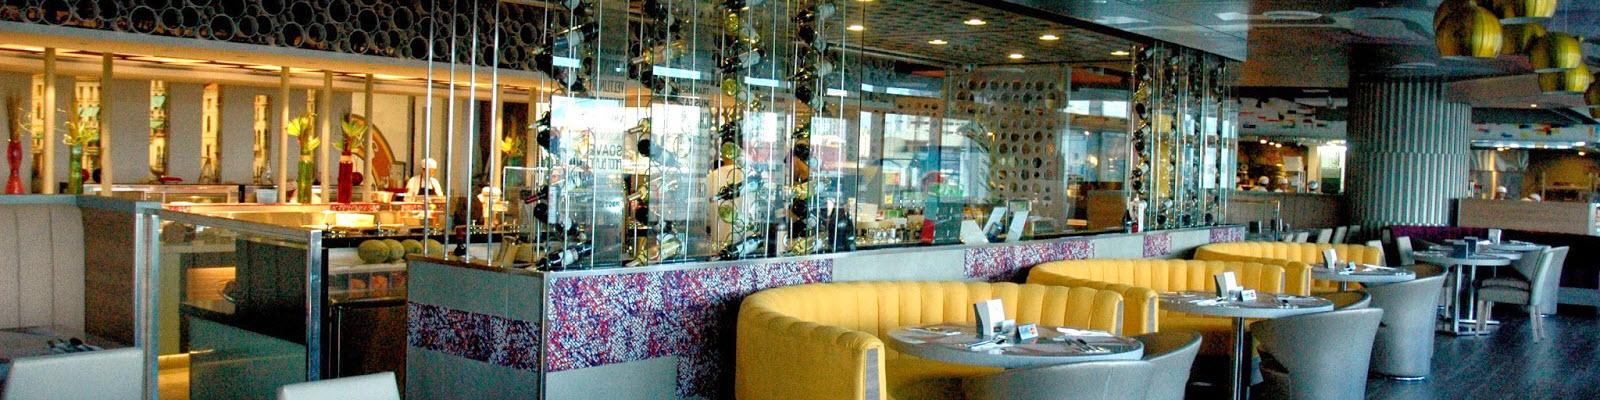 Successful Restaurant Concept